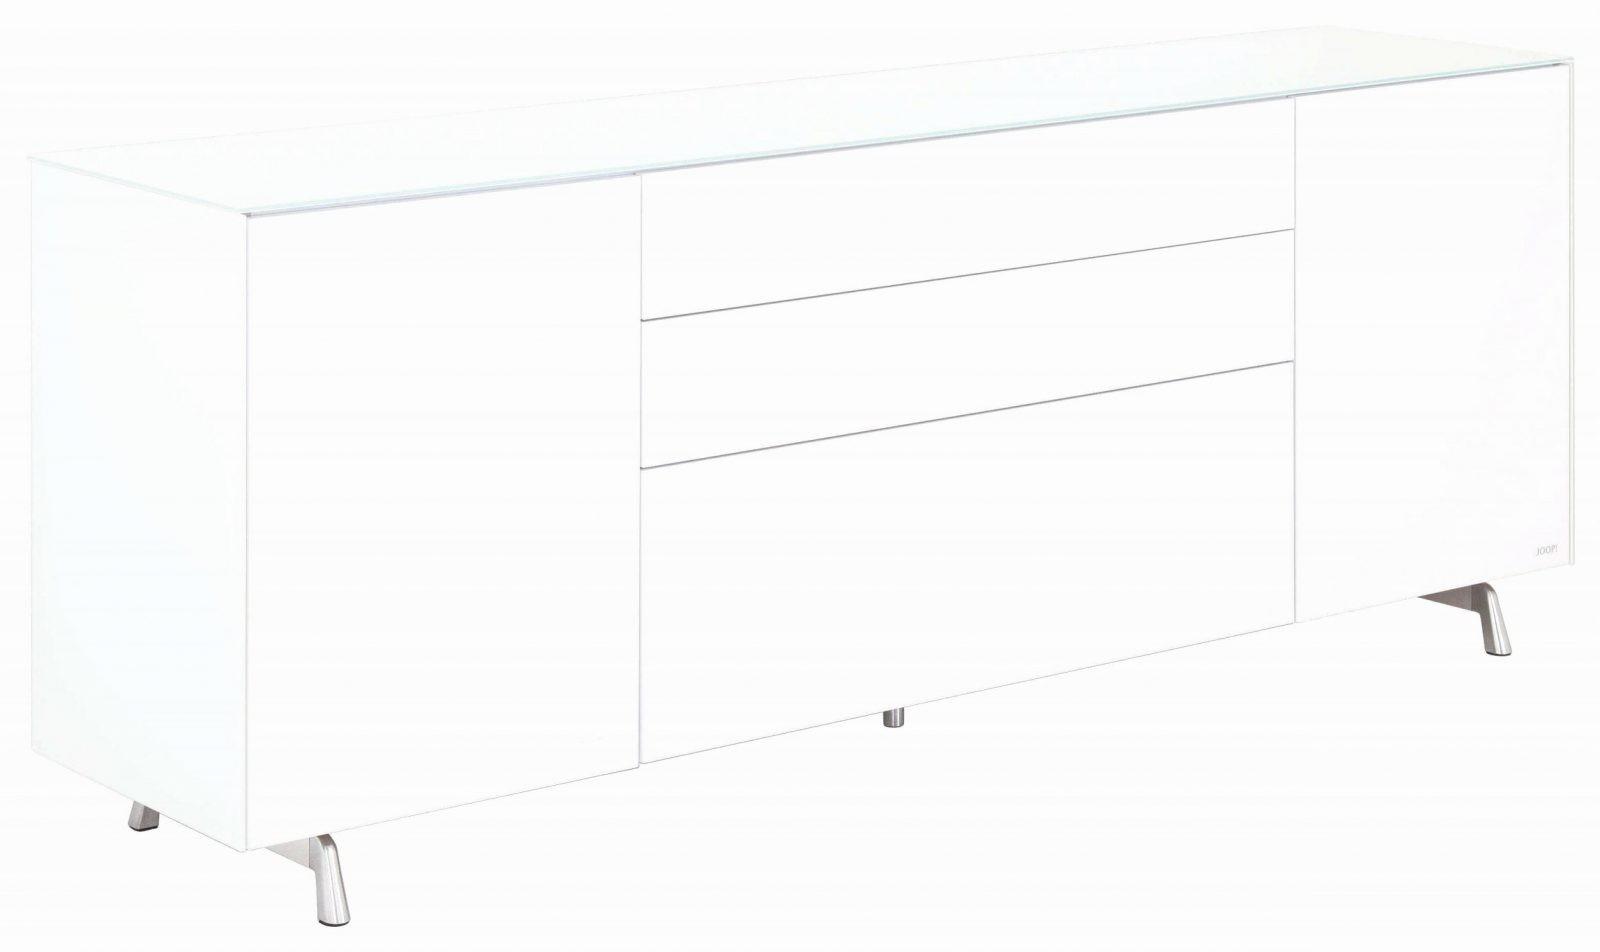 Sideboard 90 Cm Breit Typen Frisch 35 Von Schrank 200 Cm Breit Beste von Schrank 90 Cm Breit Bild